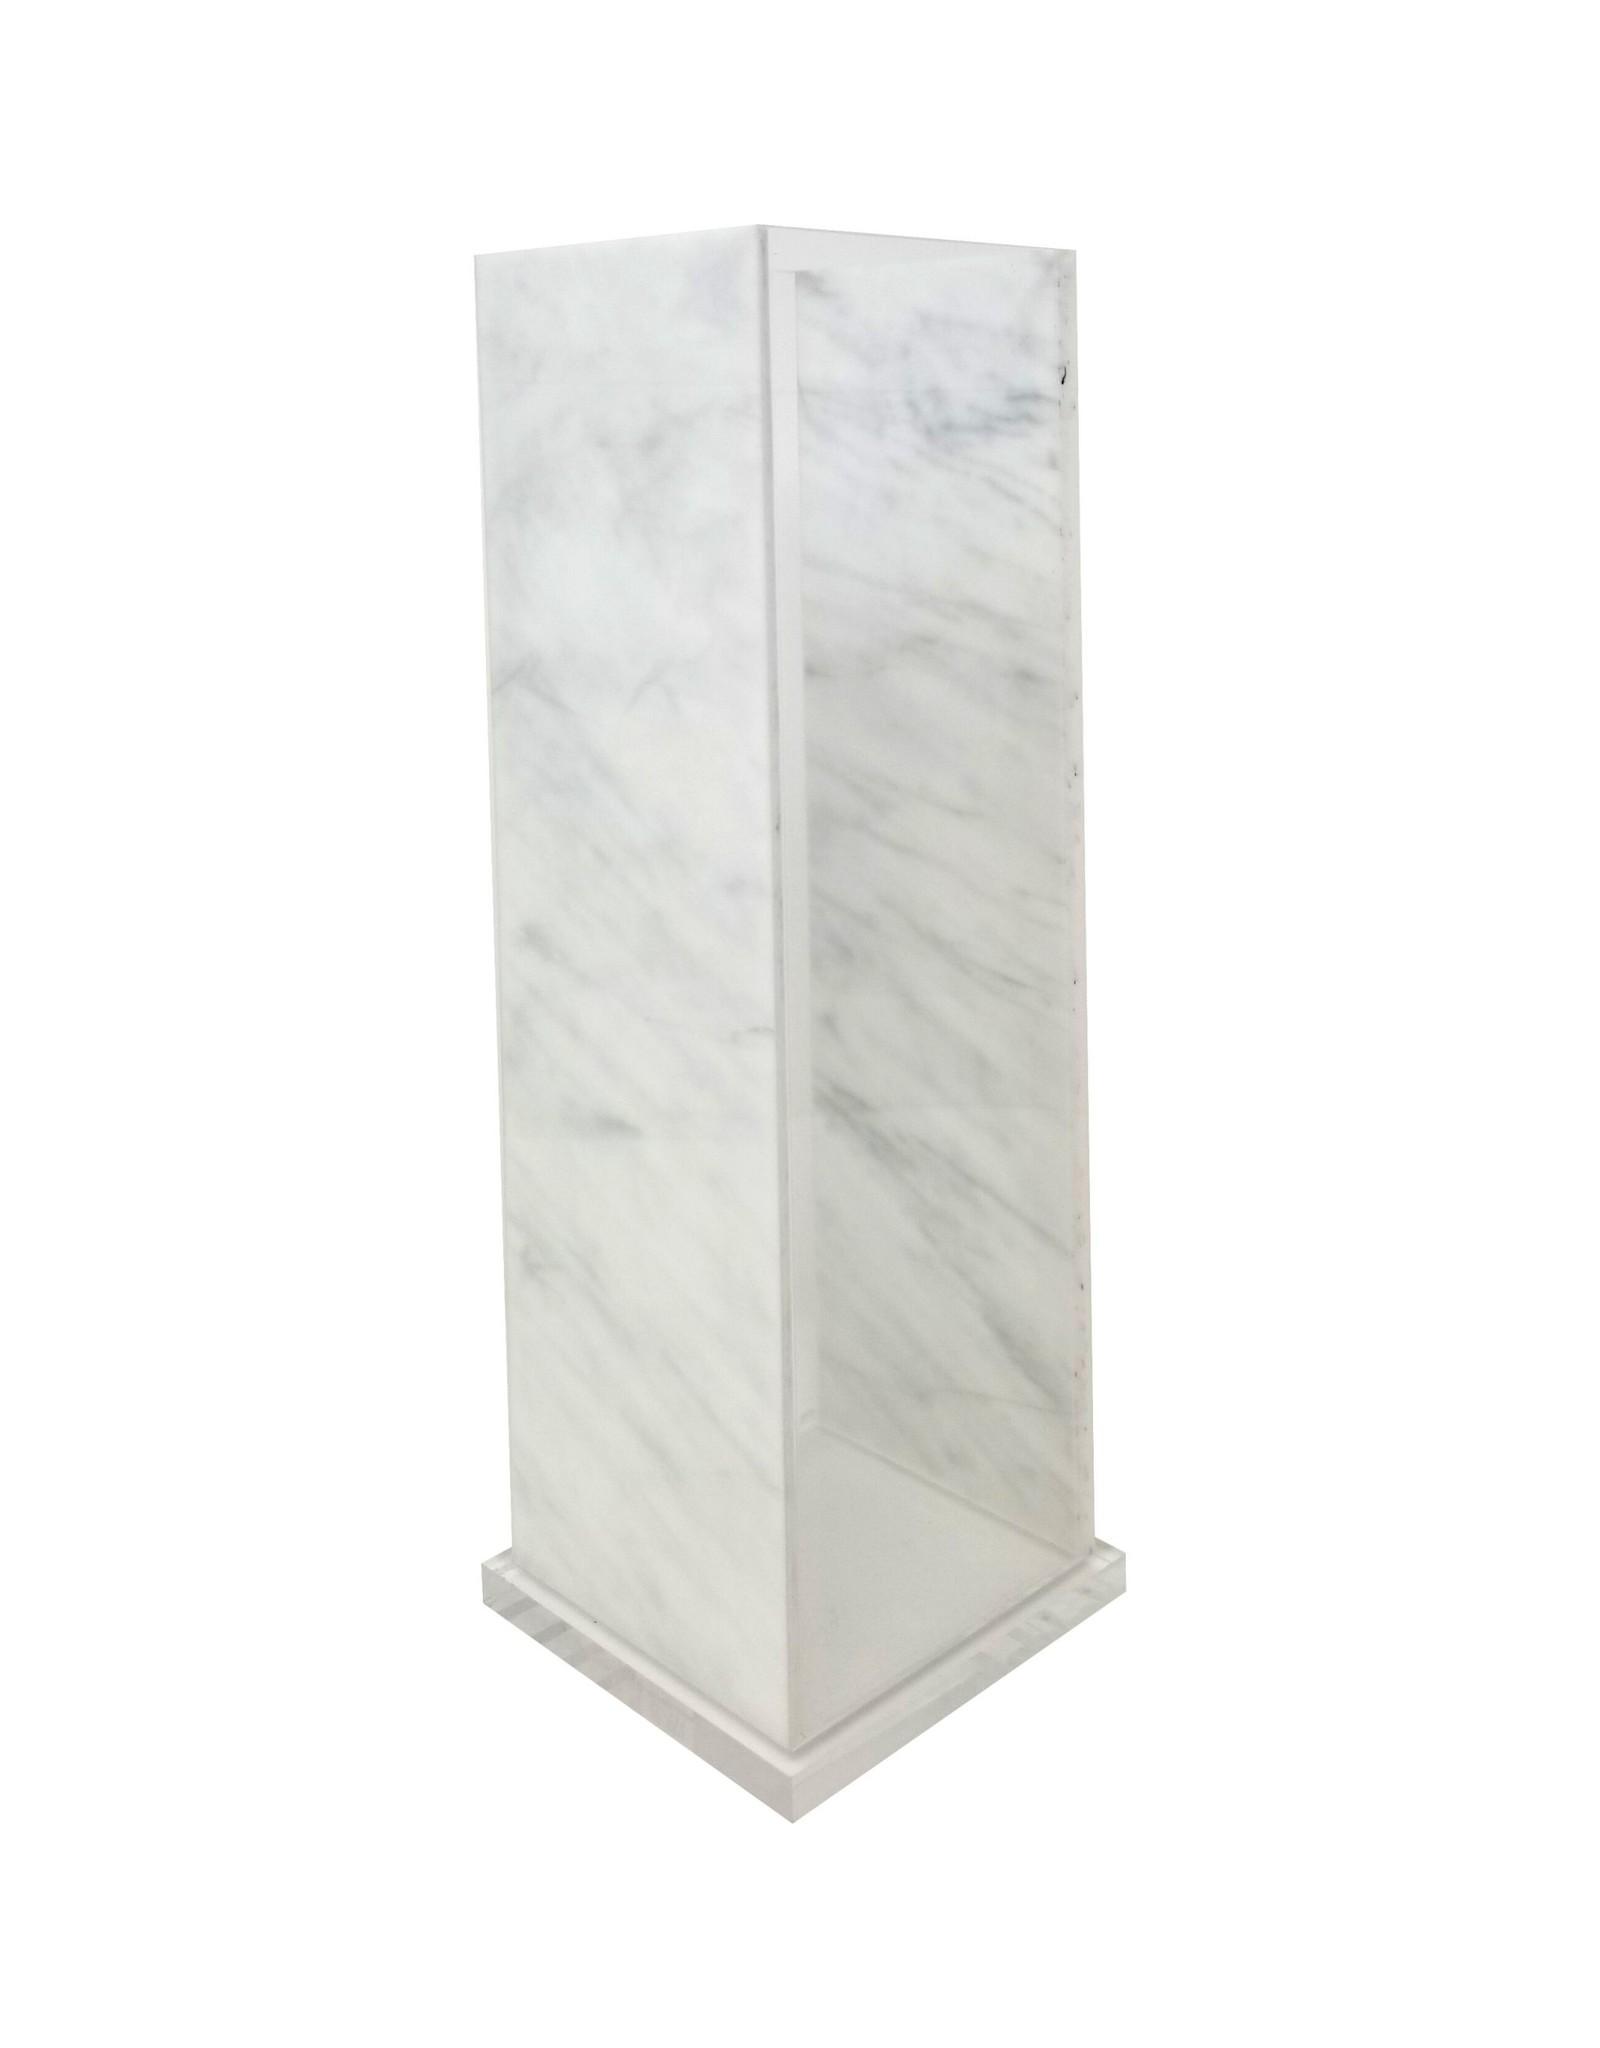 Acrylic Vase Square White Marble